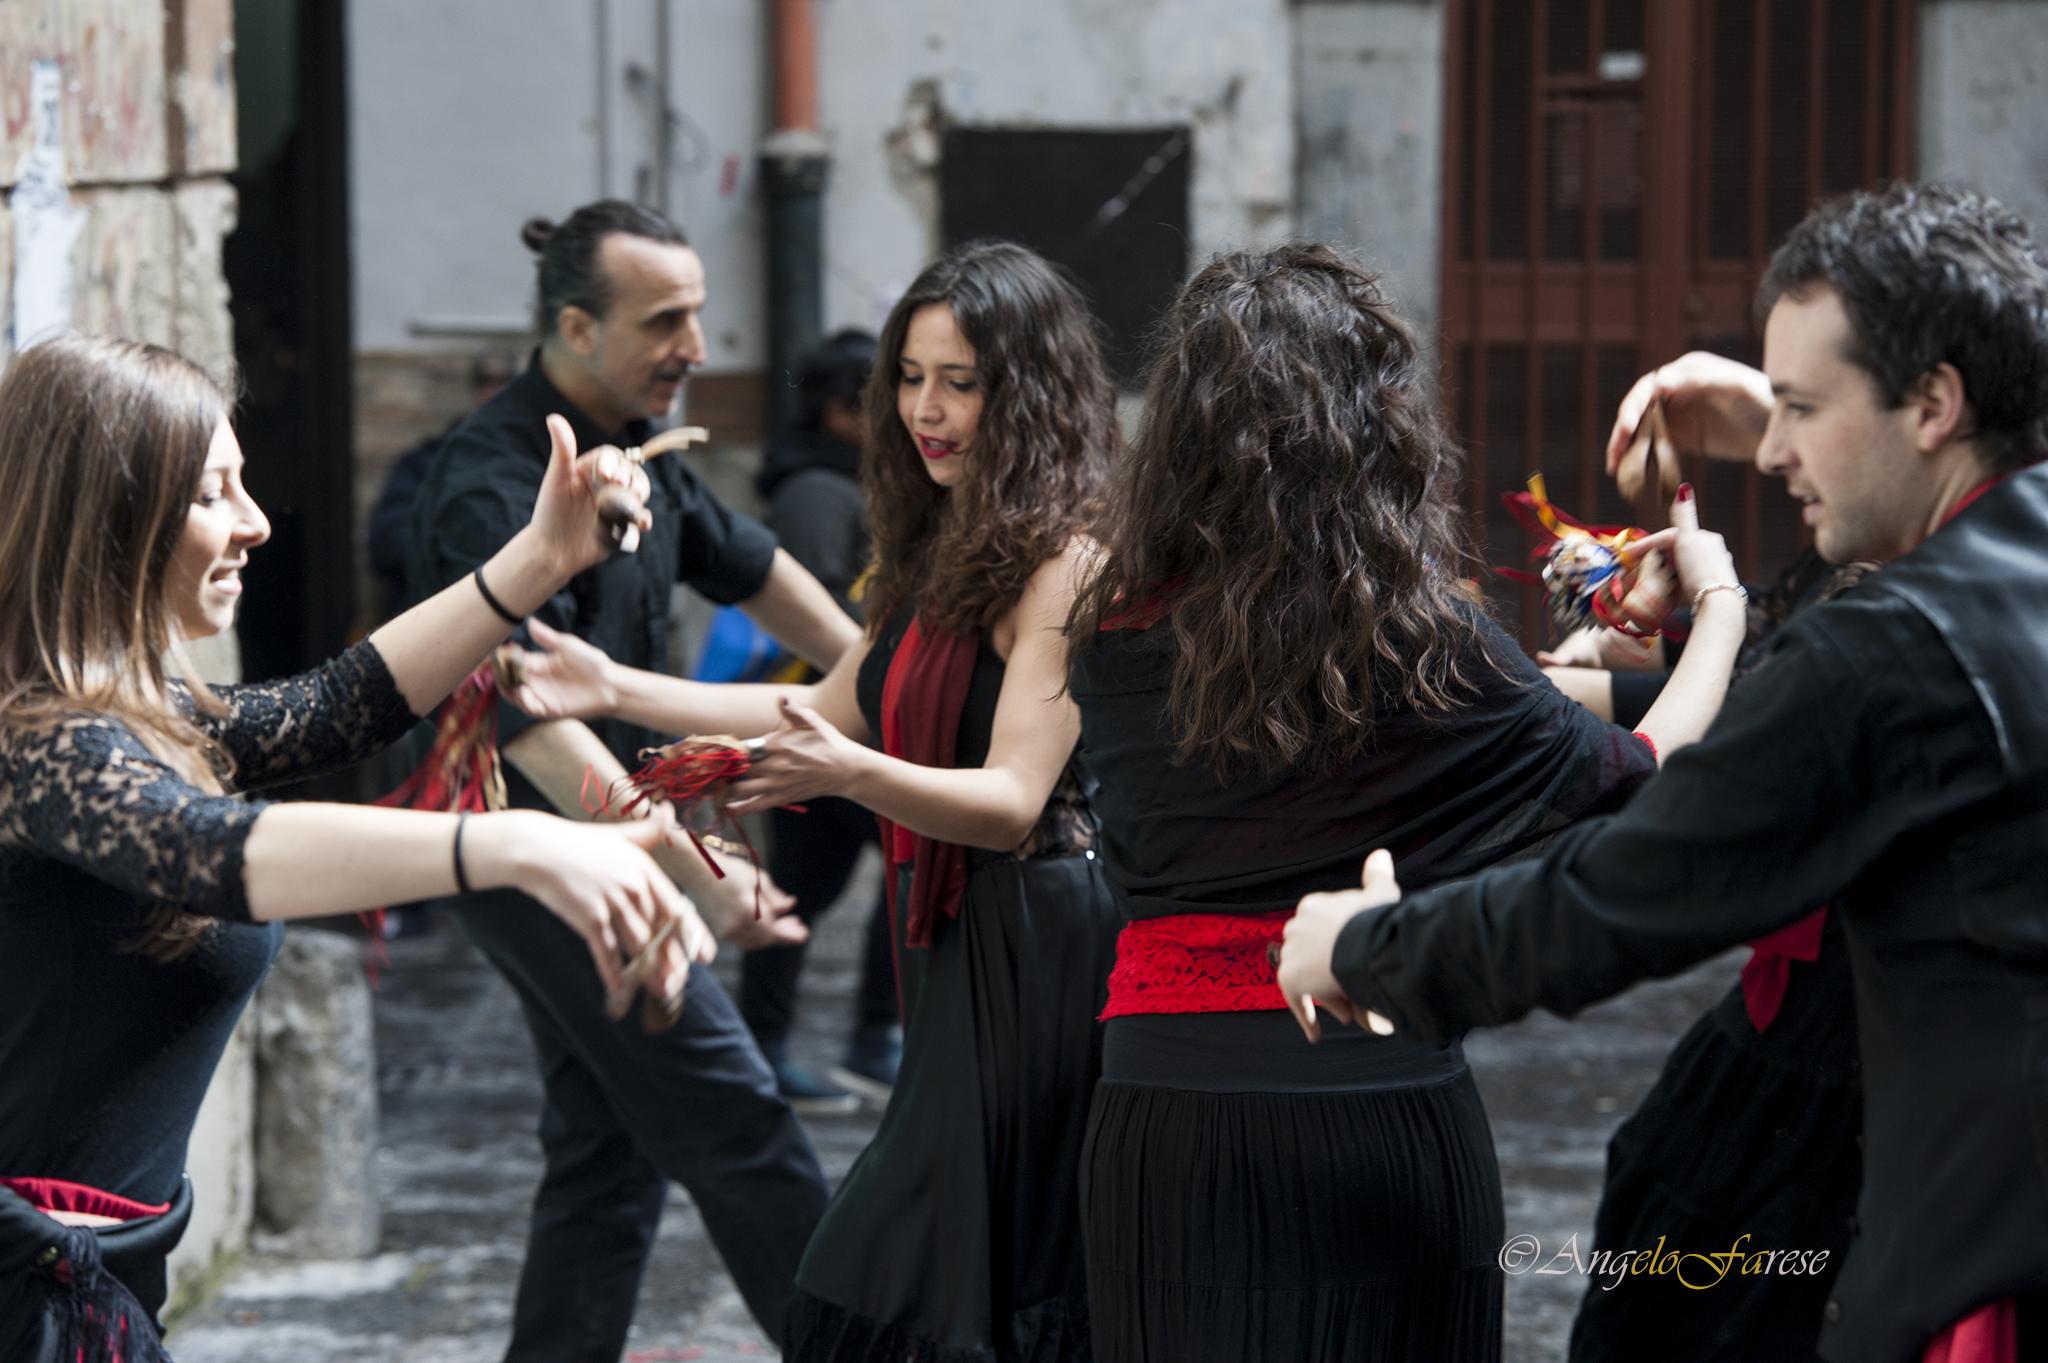 Compagnia SoleLuna, musica popolare musica popolare italiana musica popolare rumena musica popolare siciliana musica popolare russa musica popolare calabrese musica popolare napoletana musica popolare greca musica popolare brasiliana musica popolare spagn